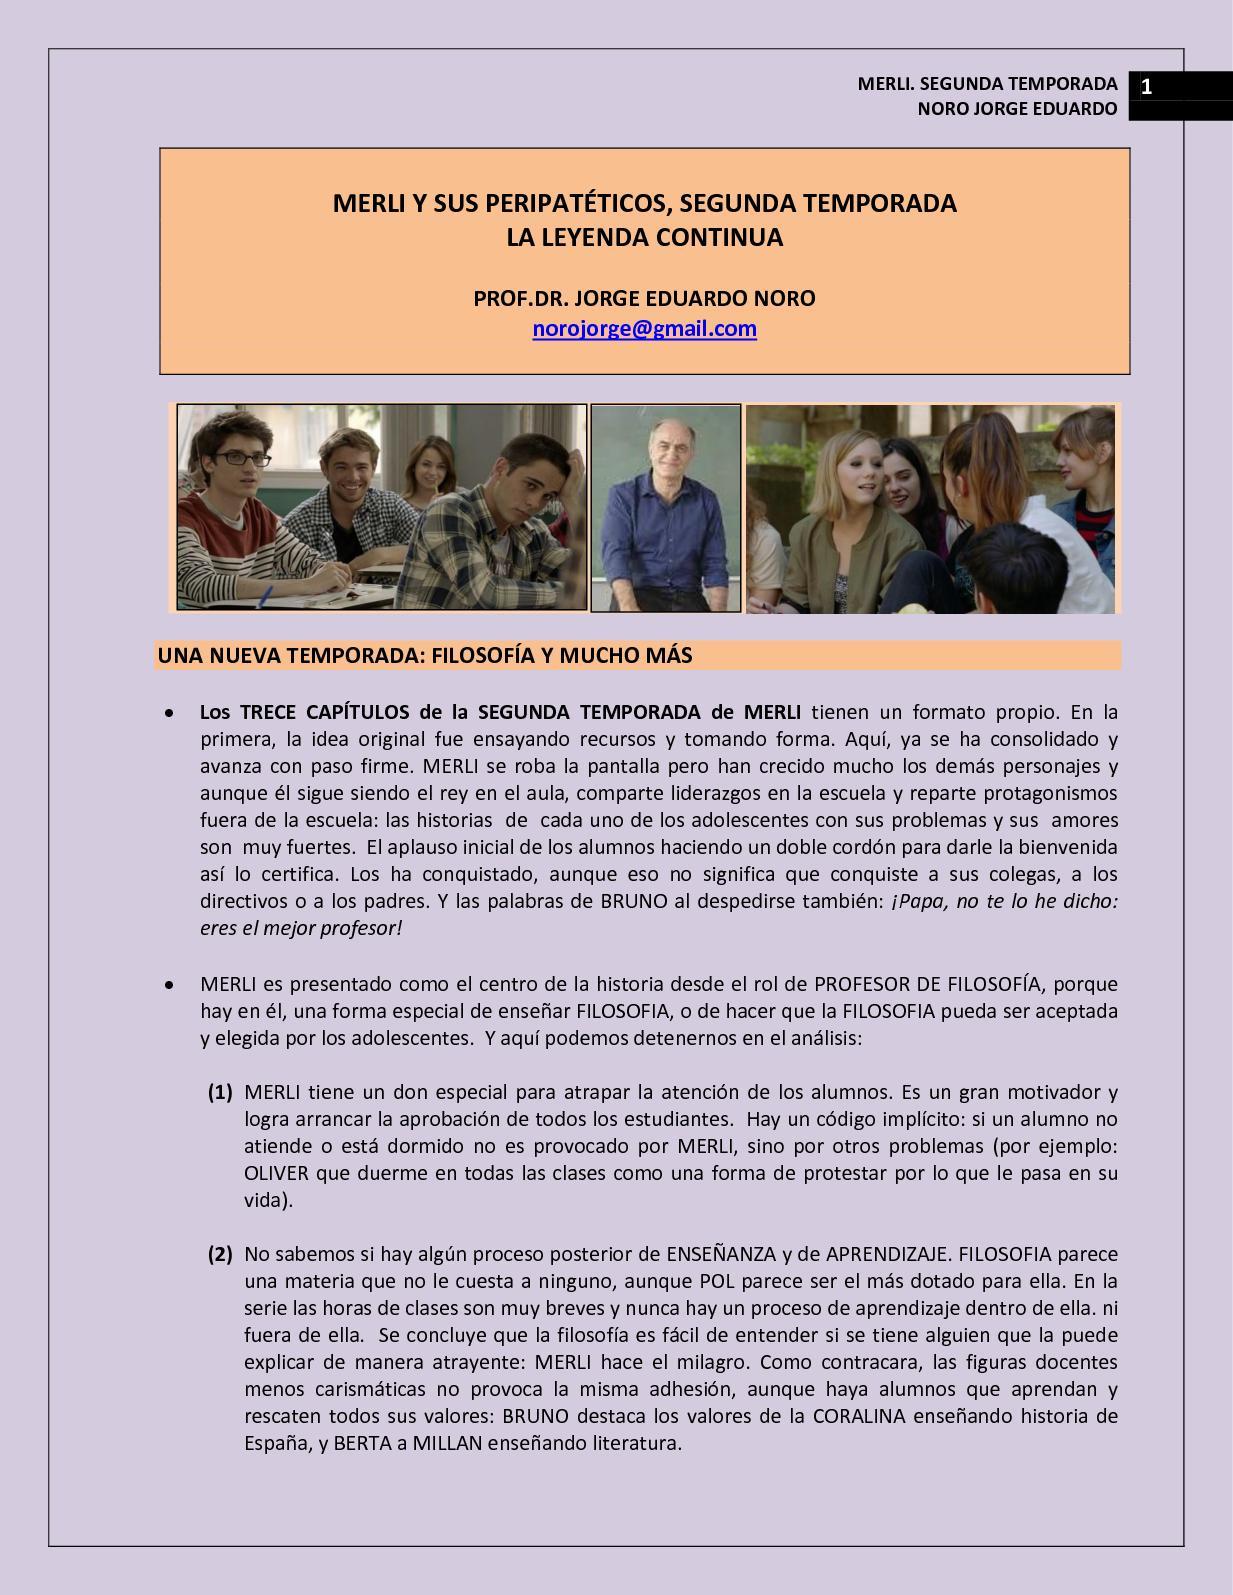 Calaméo - 242.MERLI Y SUS PERIPATETICOS + LA LEYENDA CONTINUA